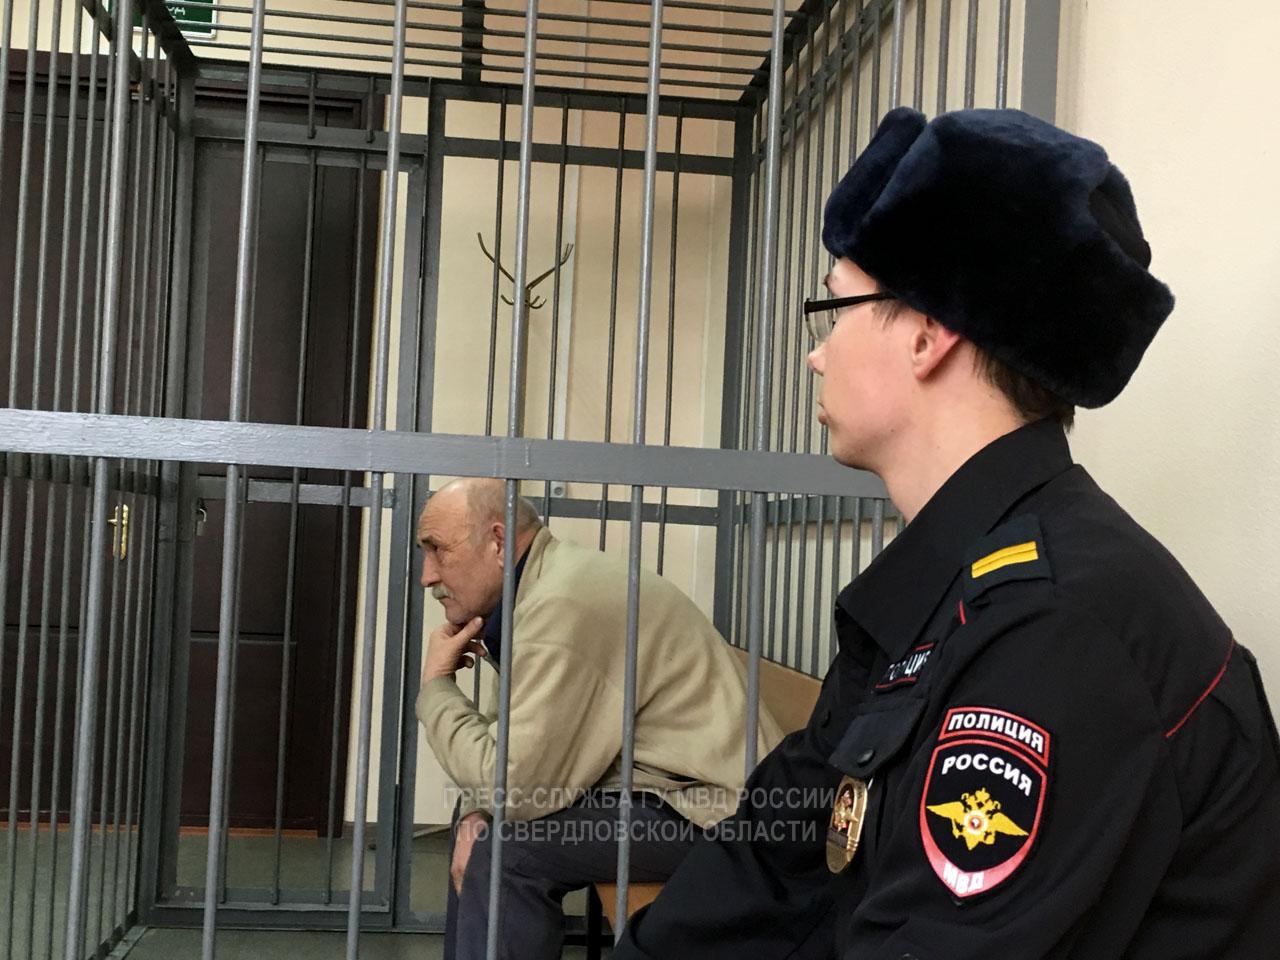 ВЕкатеринбурге застройщик осужден зааферу на149 млн